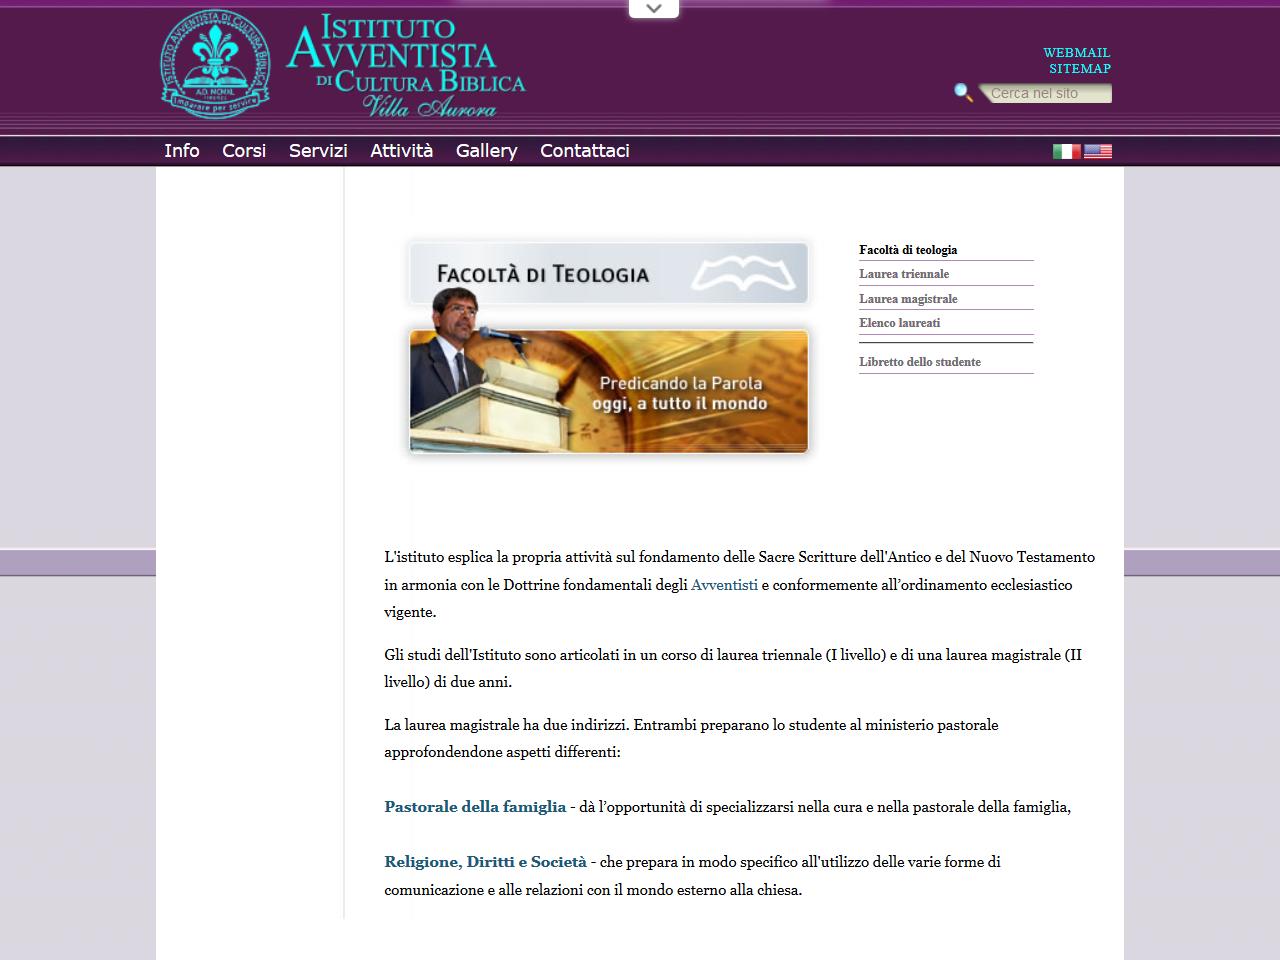 sito web gratuito di incontri avventisti risalente a 5 mesi cosa aspettarsi